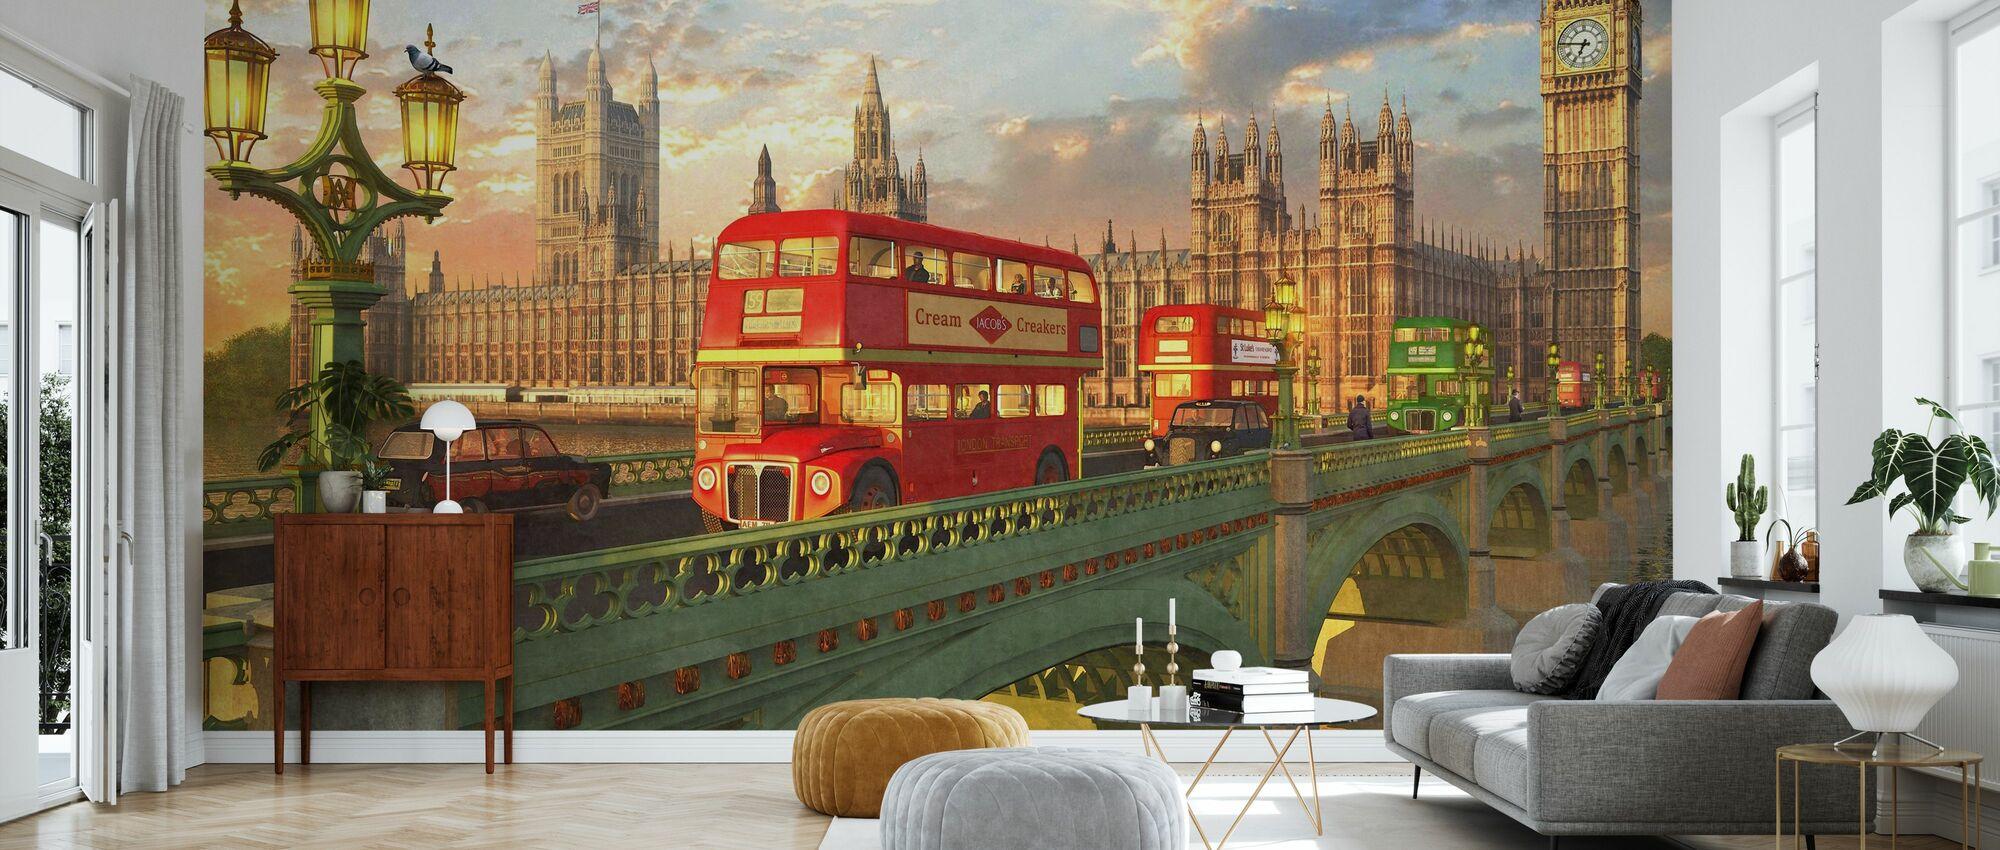 Bussen van Westminster Bridge - Tapete - Wohnzimmer